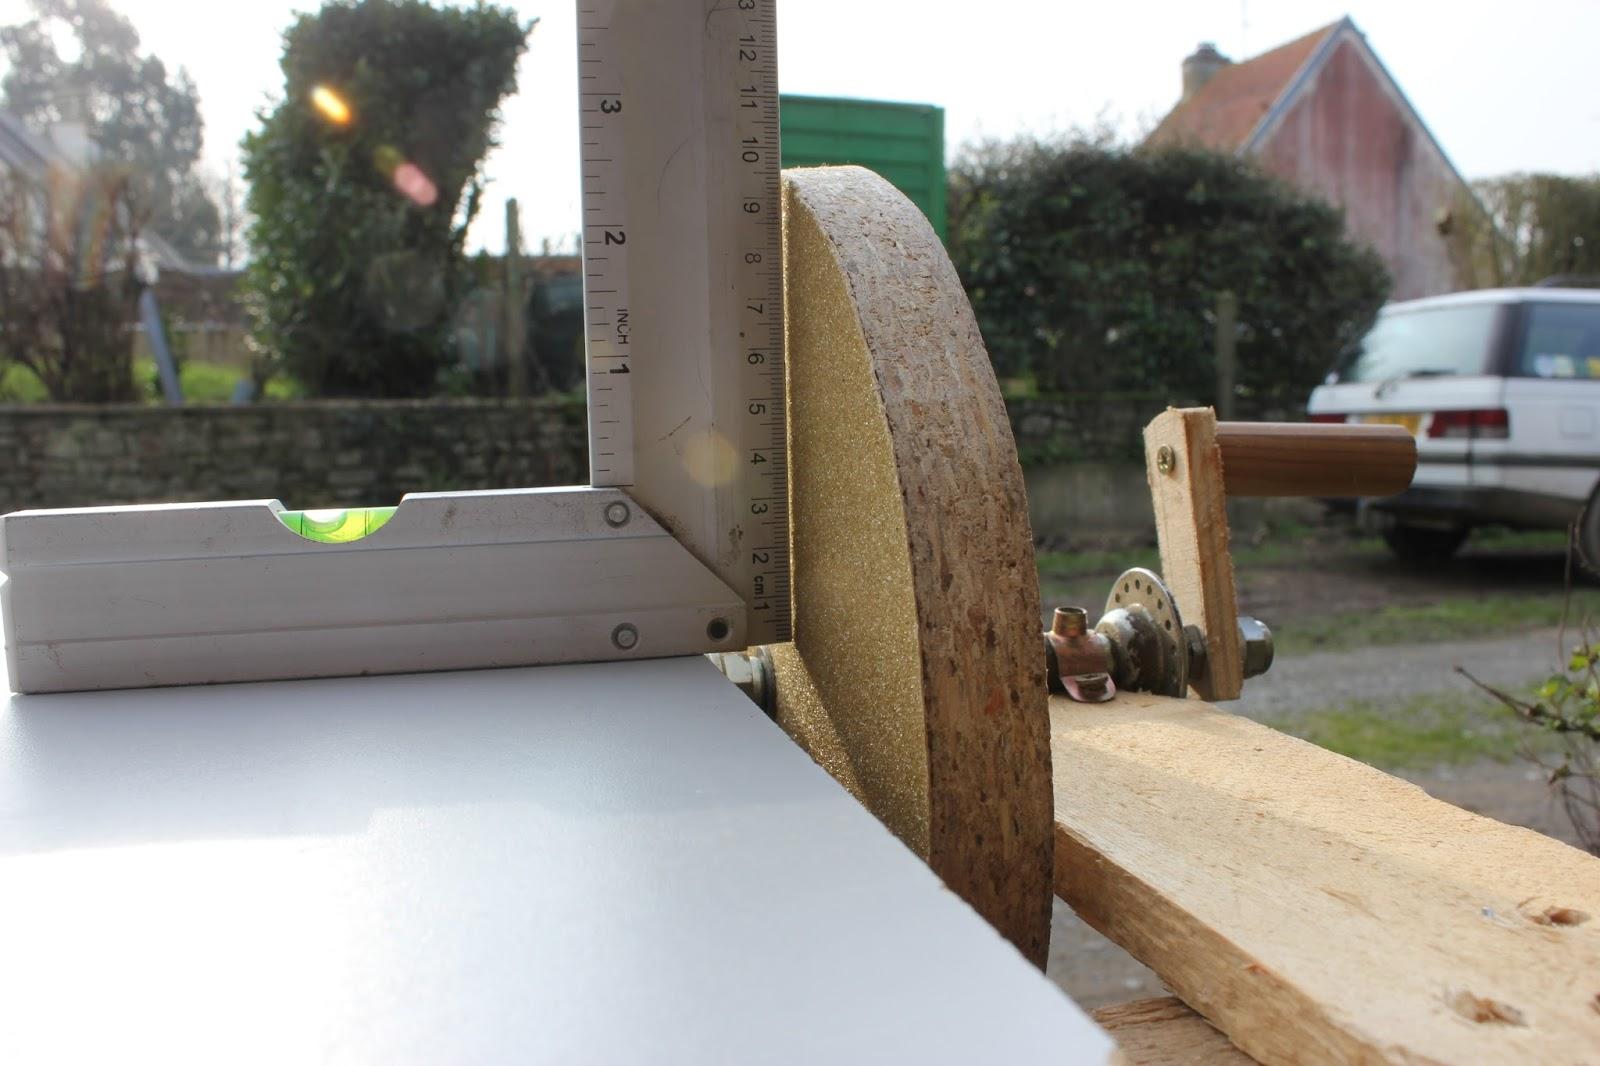 Hand-sander prototype